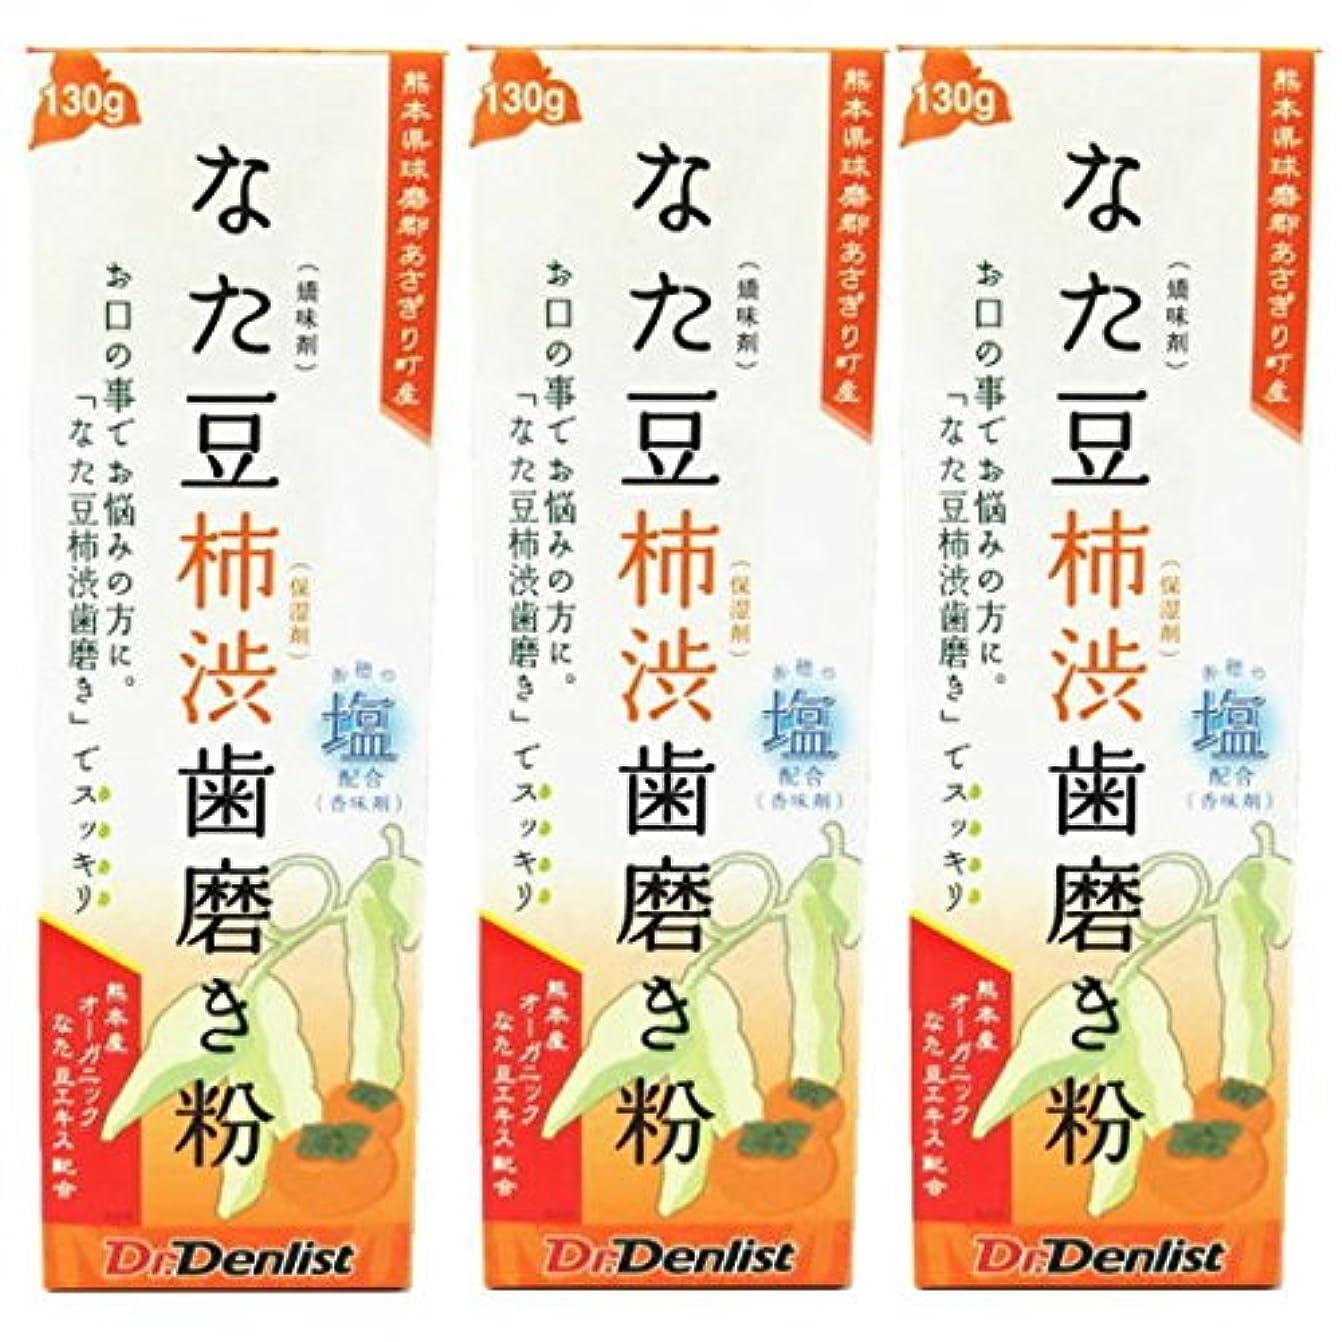 見出し不足サークルなた豆柿渋歯磨き 130g 3個セット 国産 有機なた豆使用 赤穂の塩配合(香味剤)